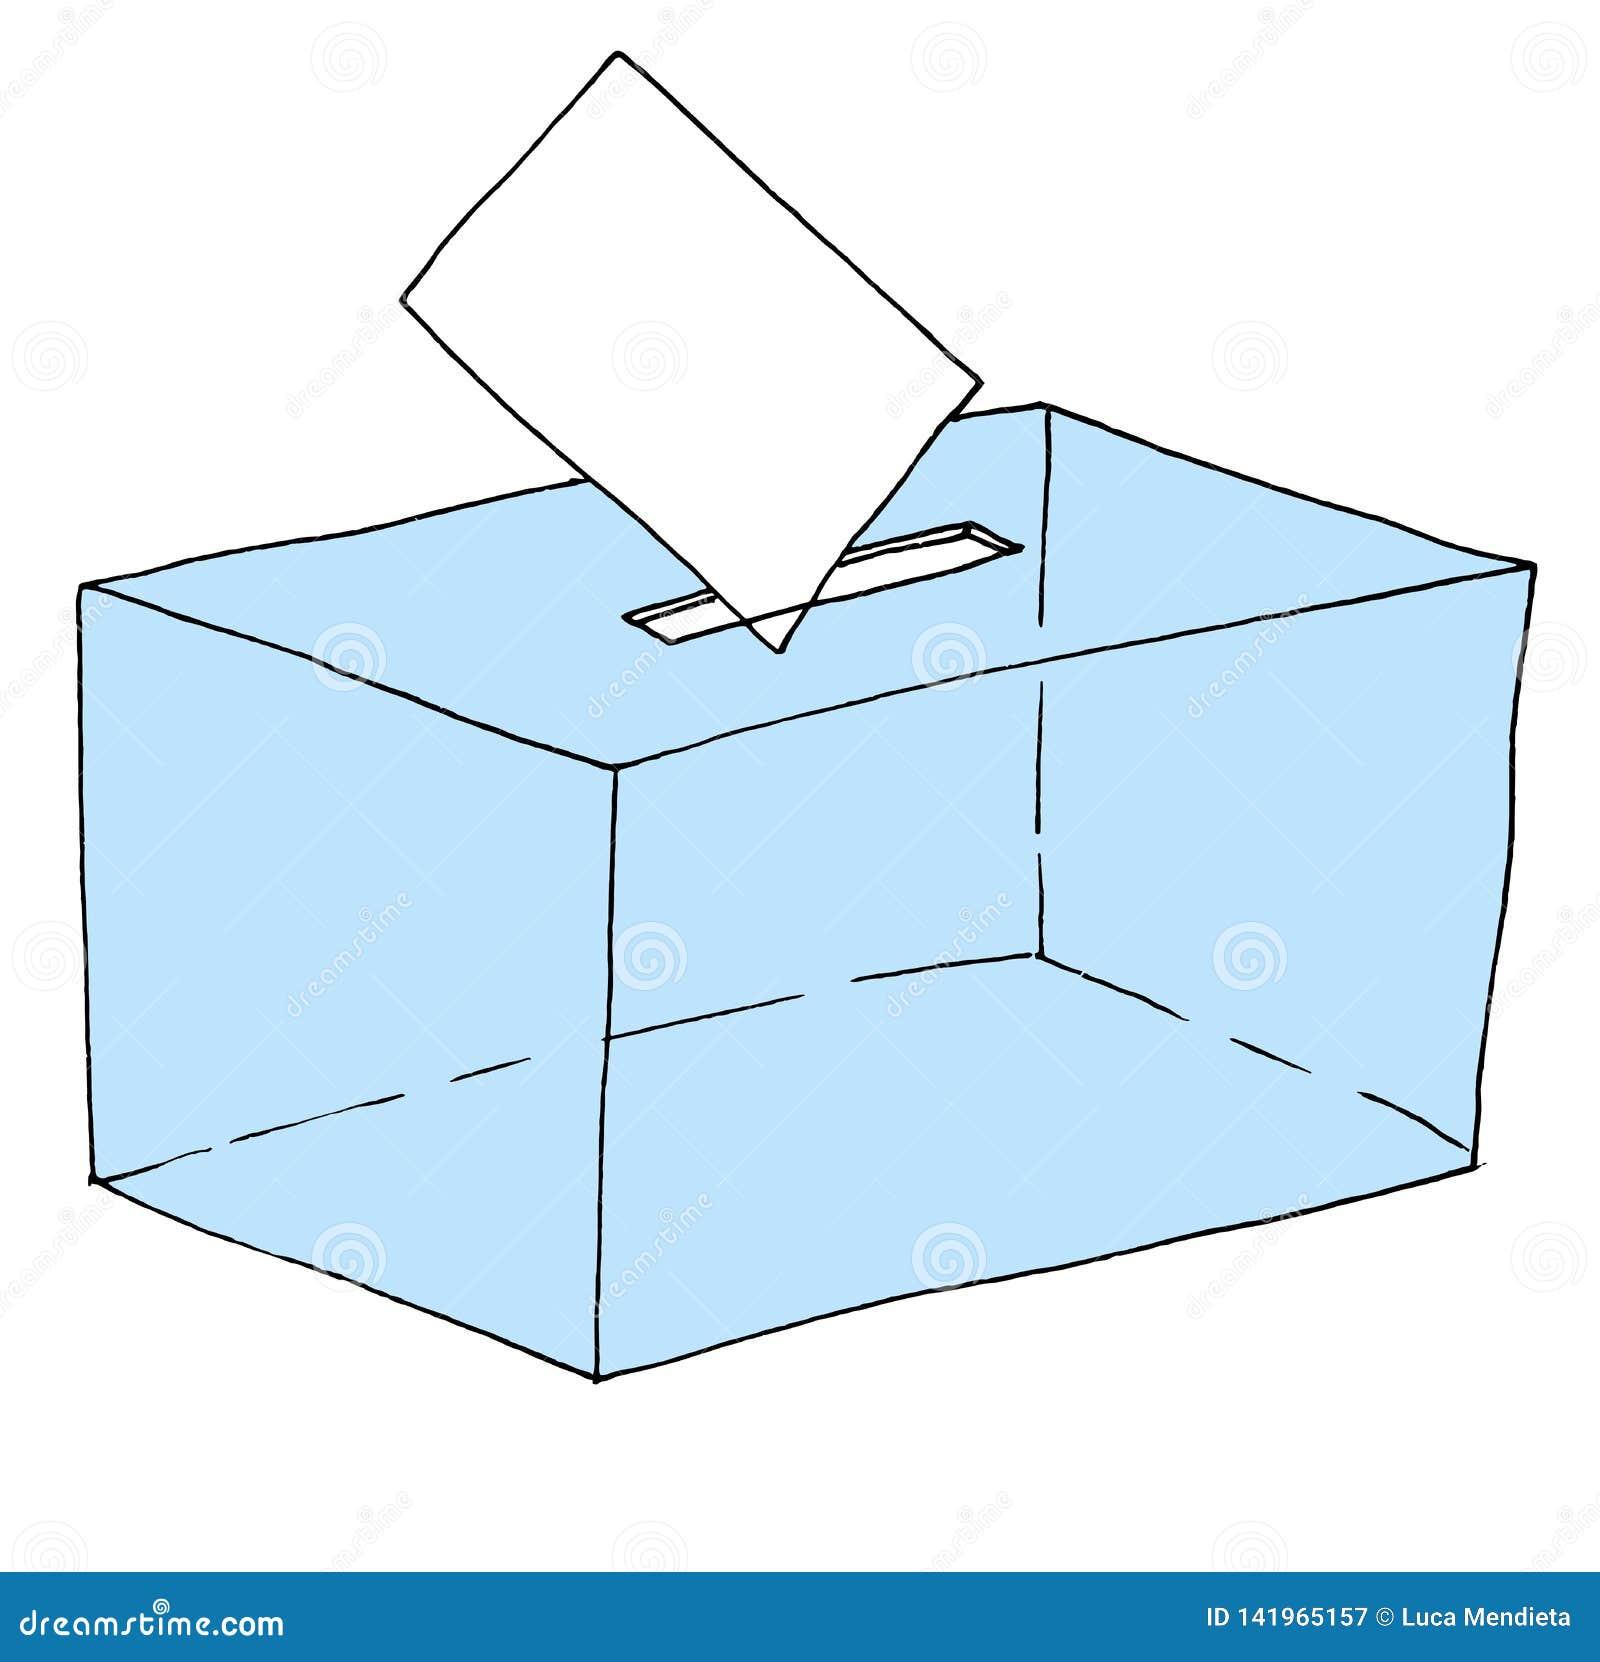 Απεικόνιση ενός εκλογικού κάλπη στο οποίο μια ψηφοφορία κατατίθεται